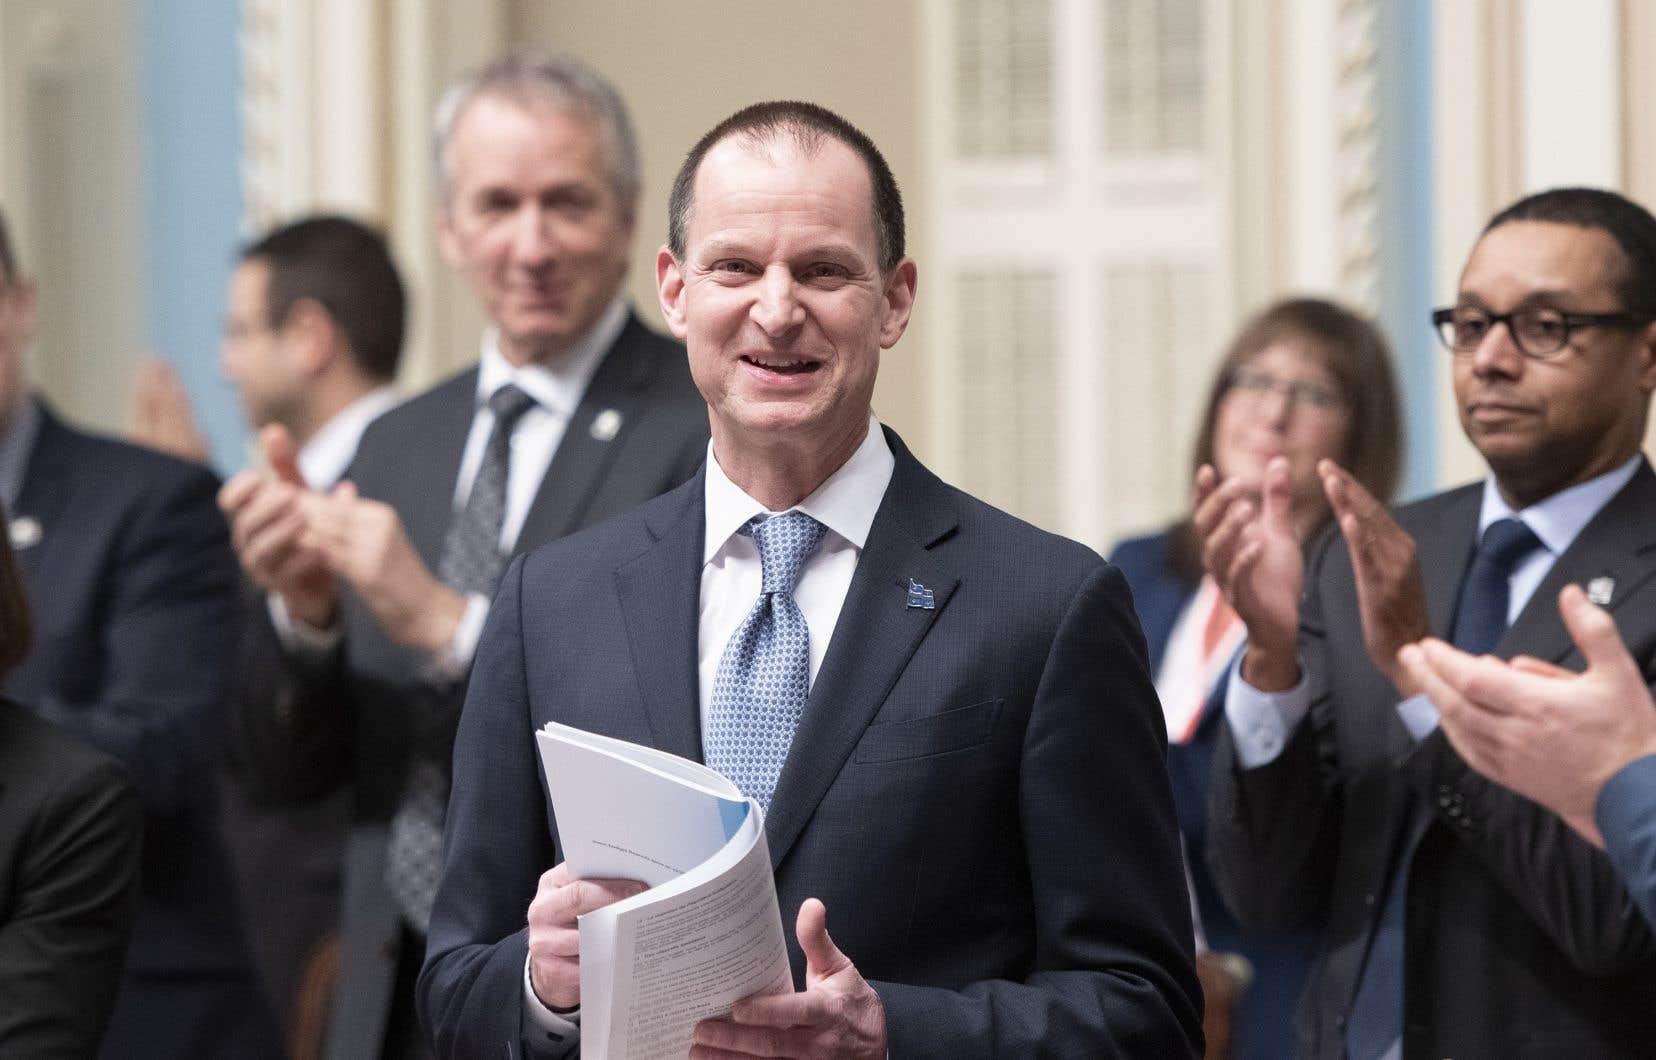 Le ministre Girard compte continuer à soutenir les travailleurs et les entreprises pour le redémarrage tant attendu de l'économie.